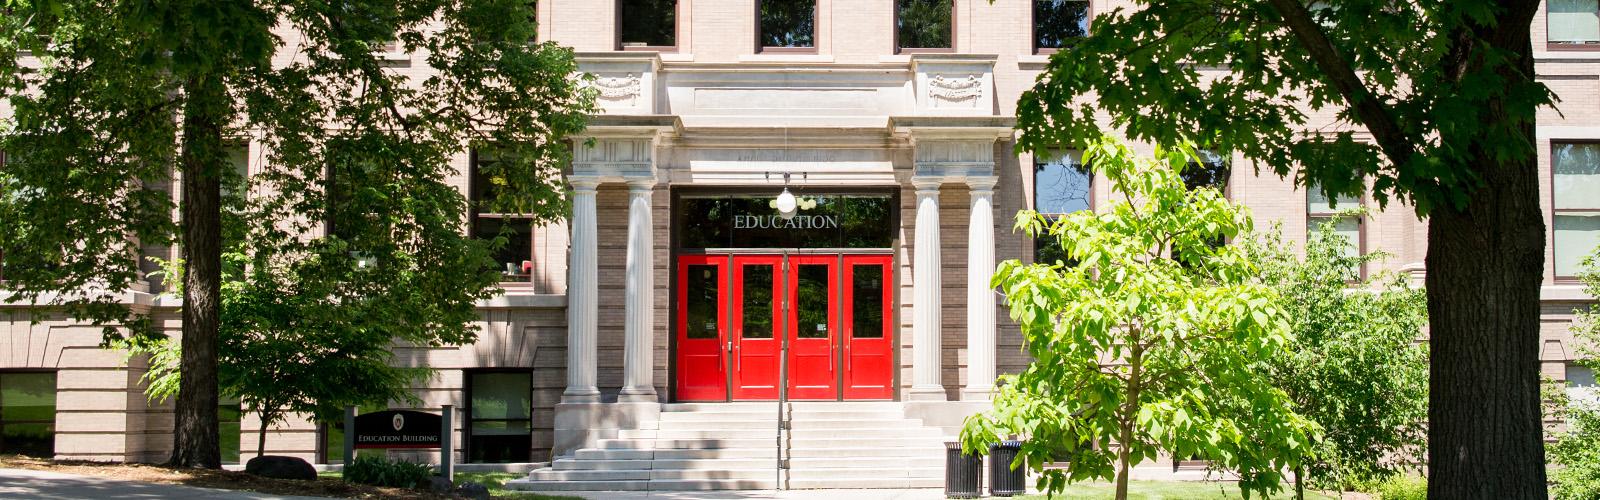 Red Doors hero image